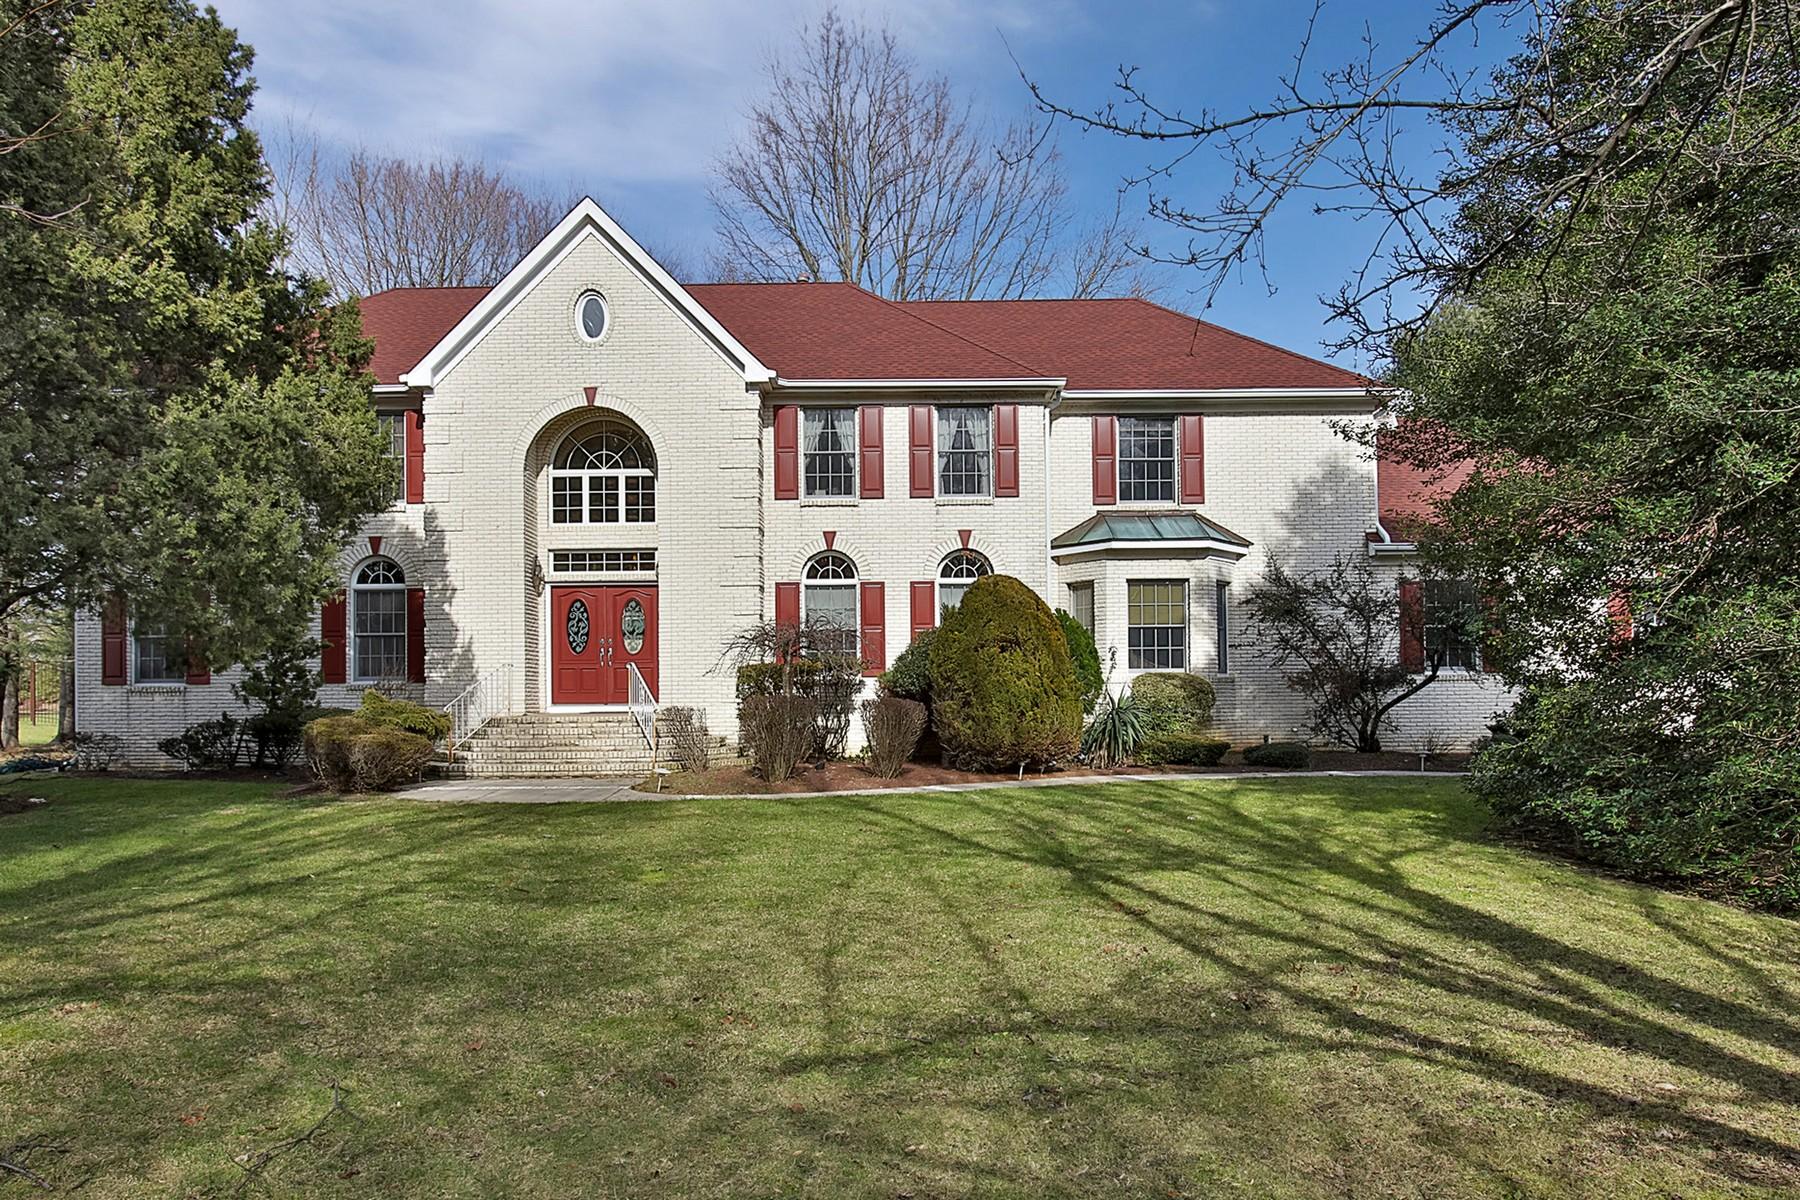 一戸建て のために 売買 アット Welcome Home 86 N Mitchell Pl Little Silver, ニュージャージー, 07739 アメリカ合衆国